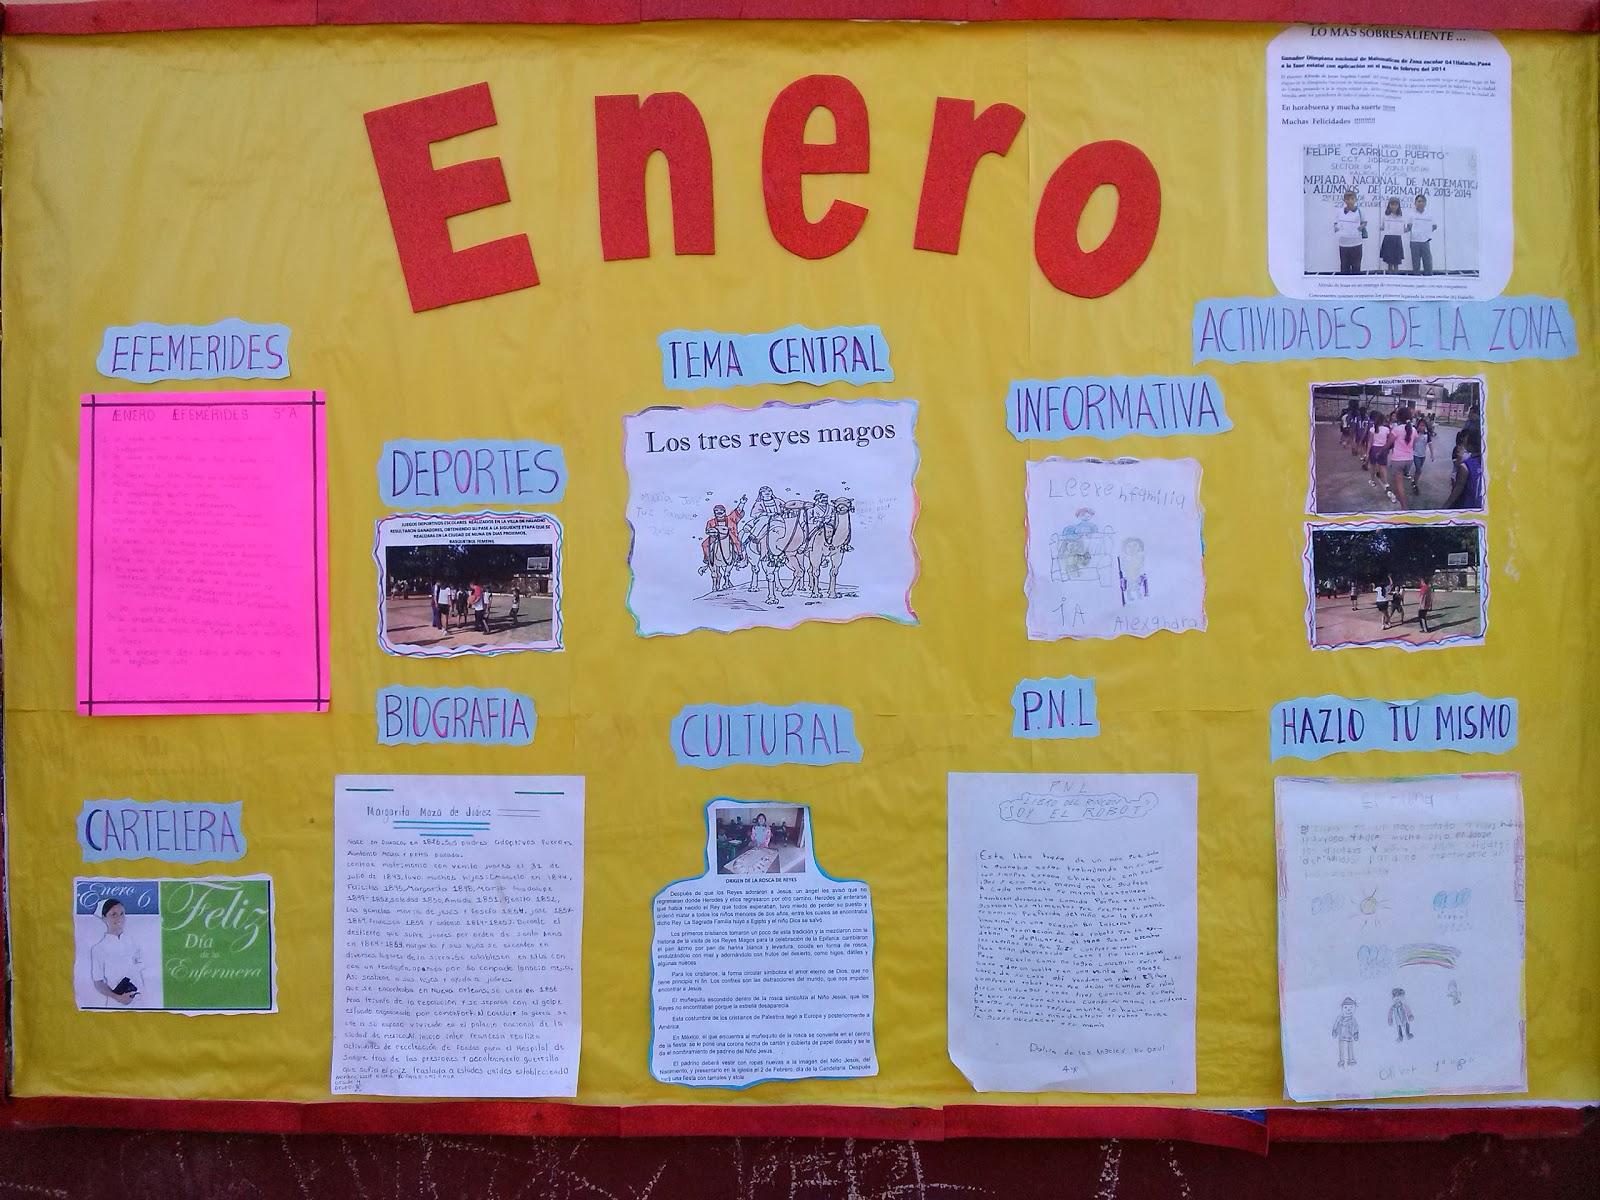 Periodico mura enero 1 imagenes educativas for Como elaborar un periodico mural